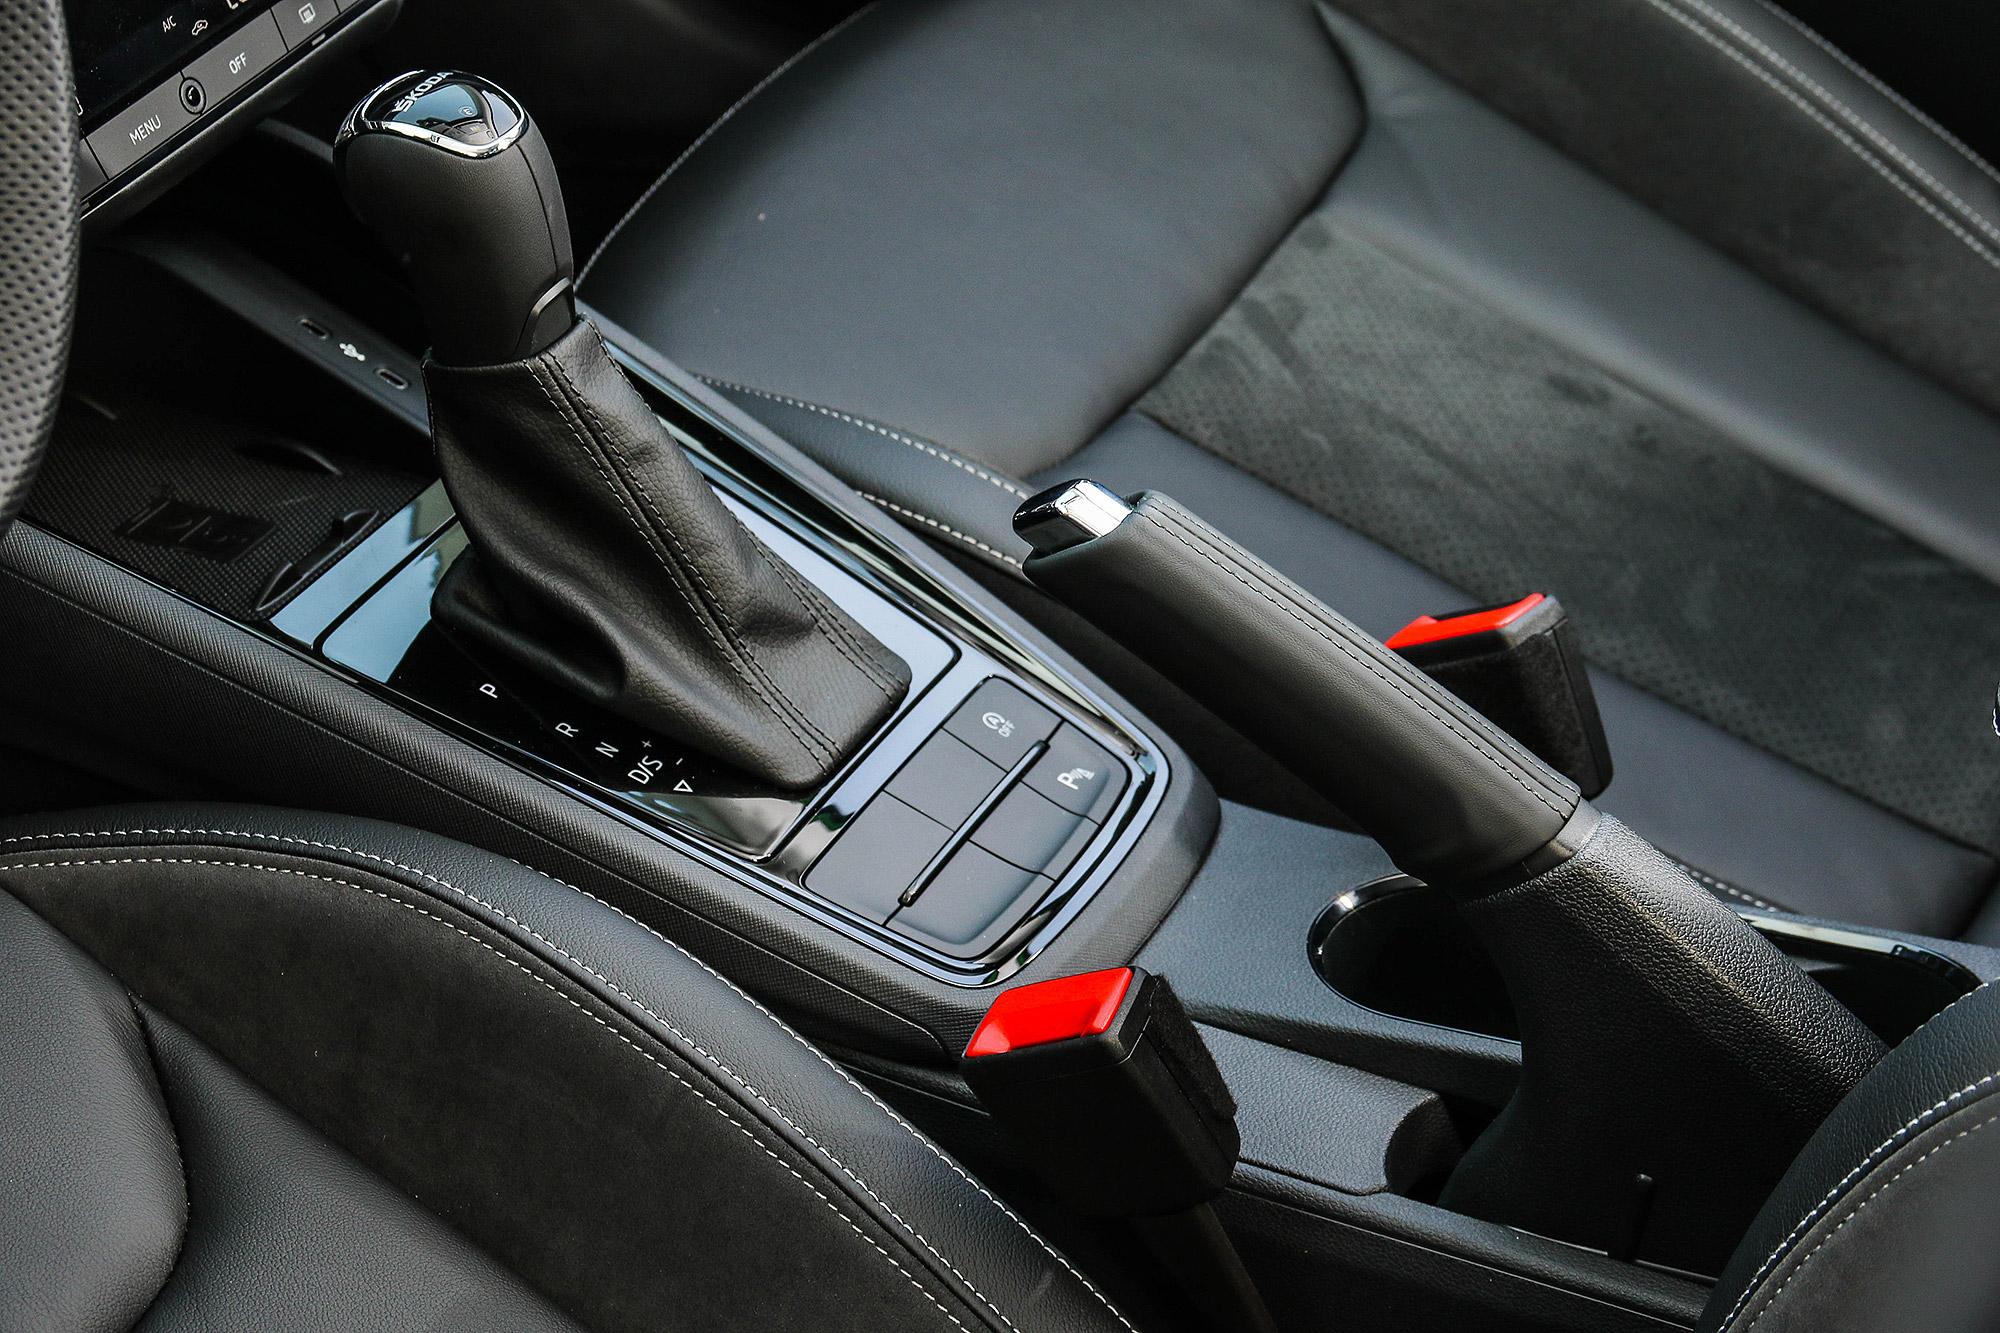 因為成本考量,仍維持傳統機械式手煞車。